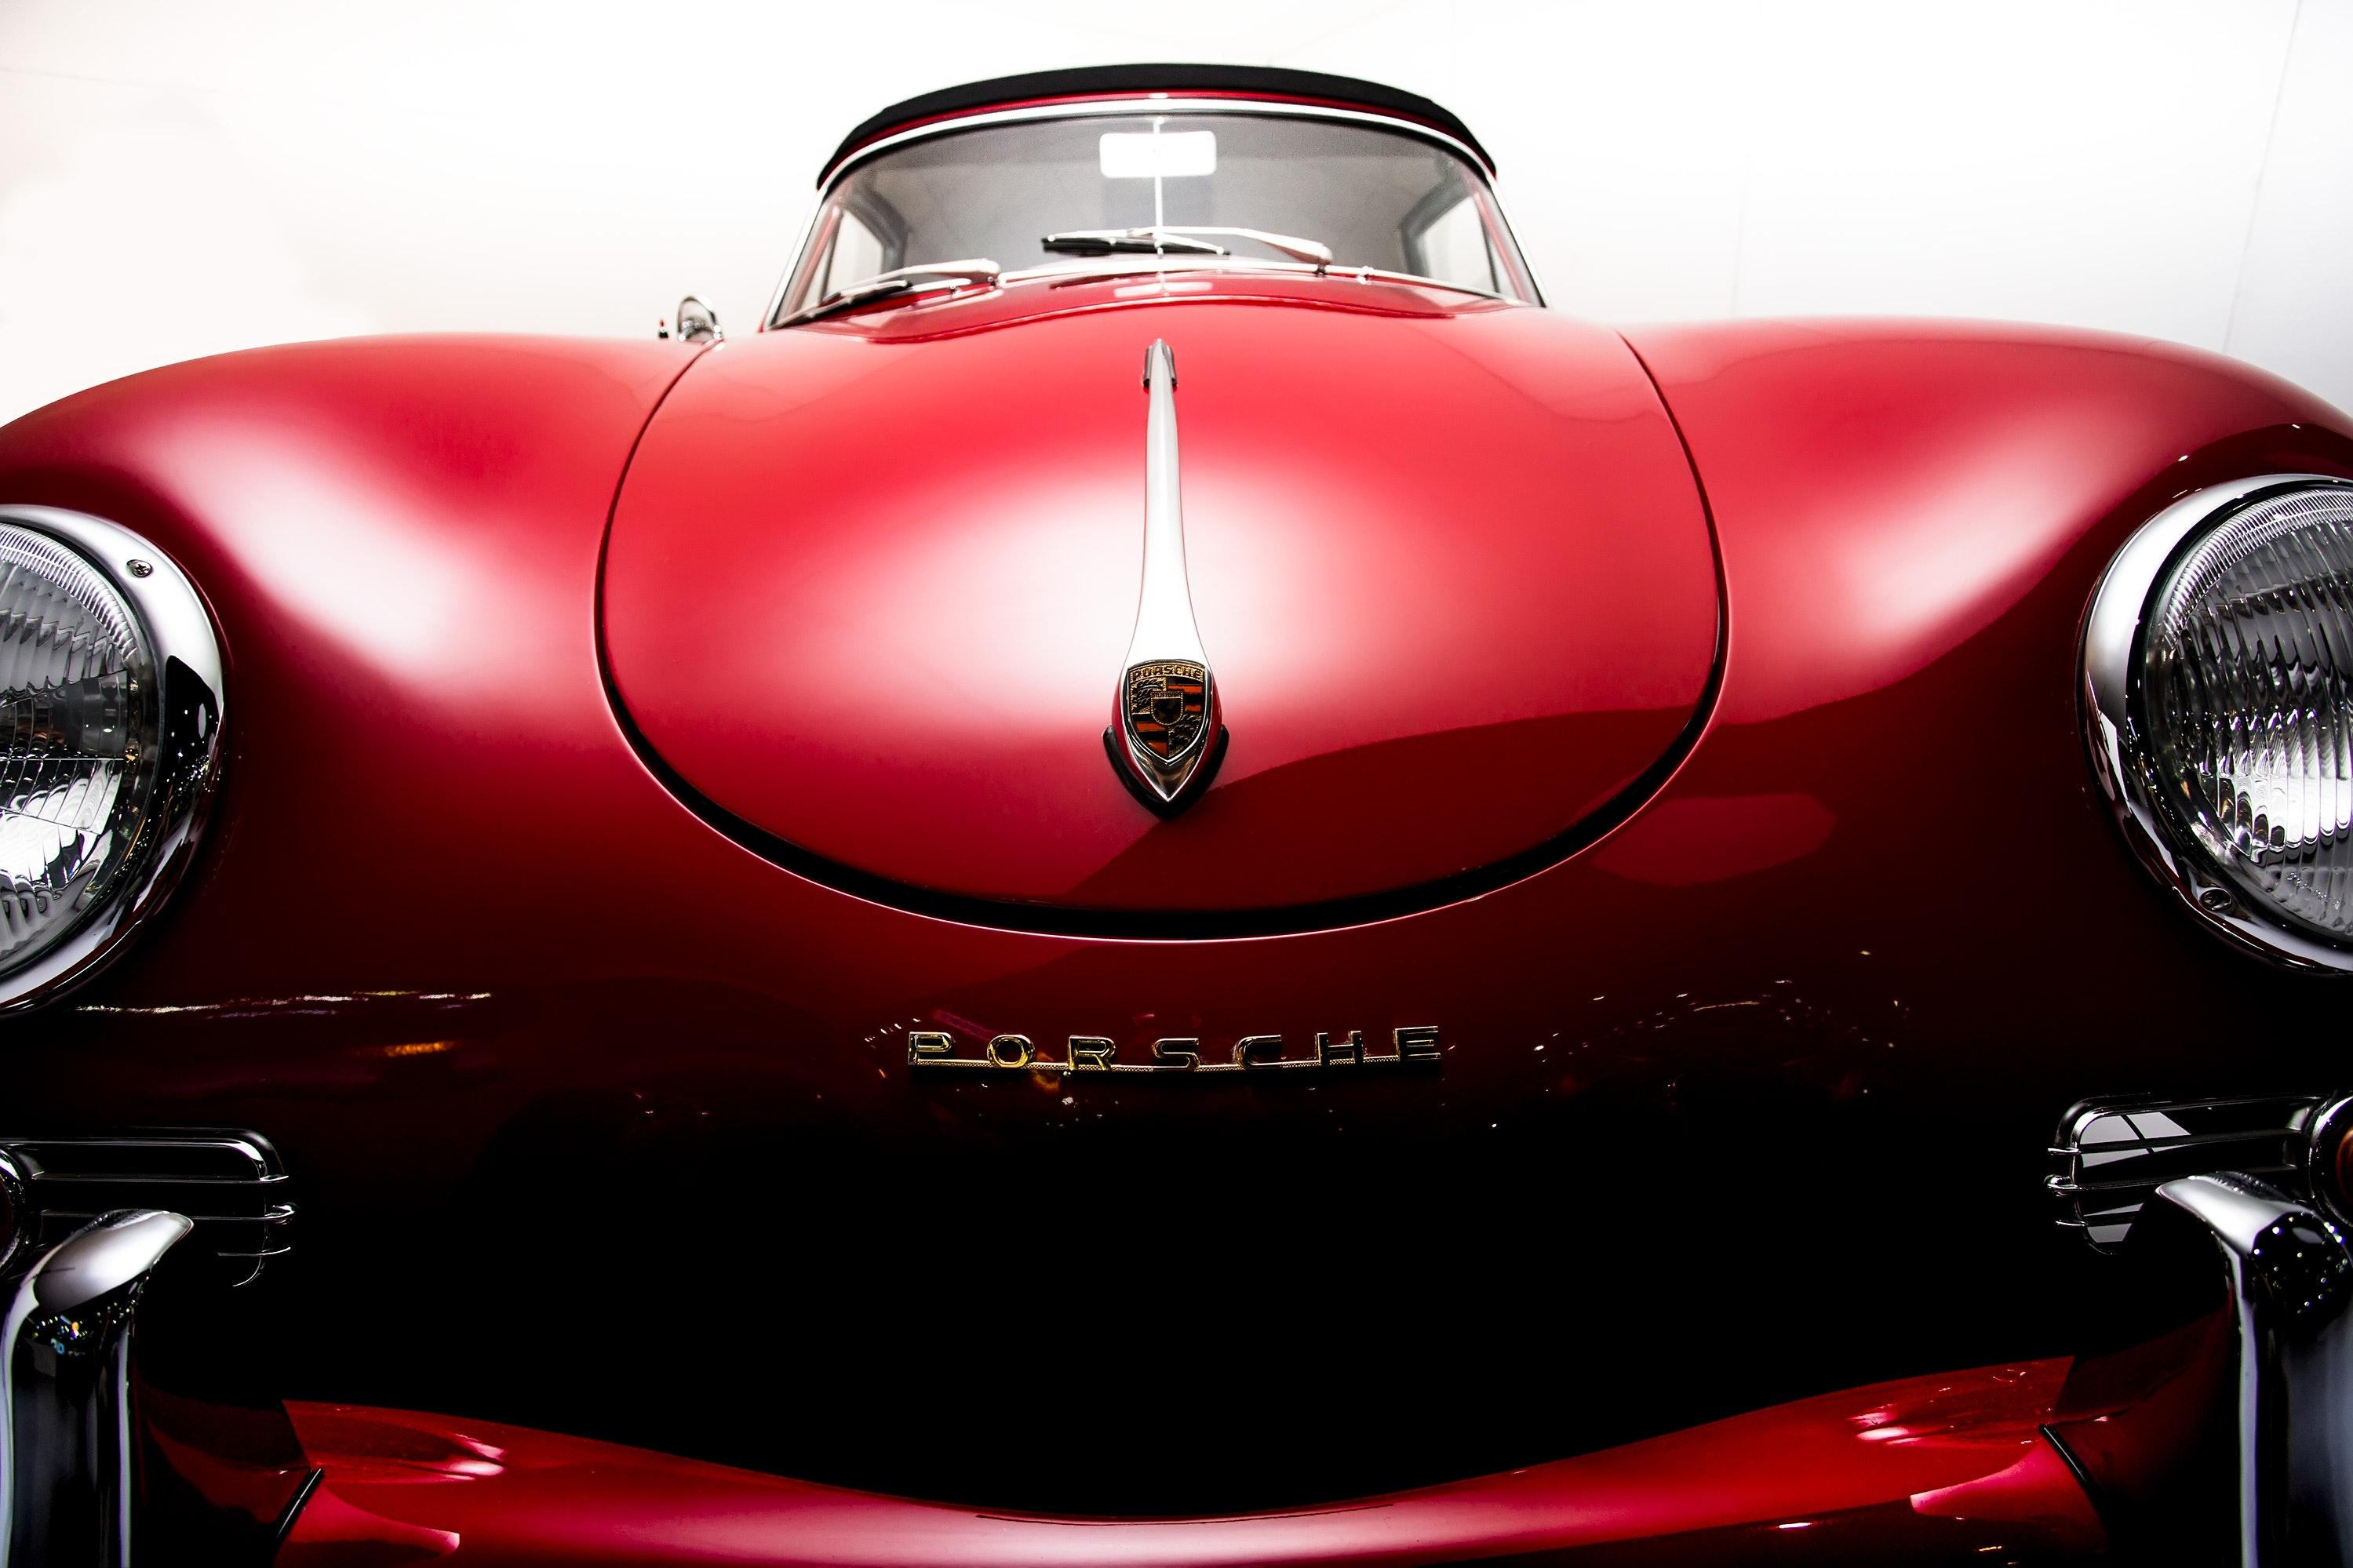 Classic red porsche car photo